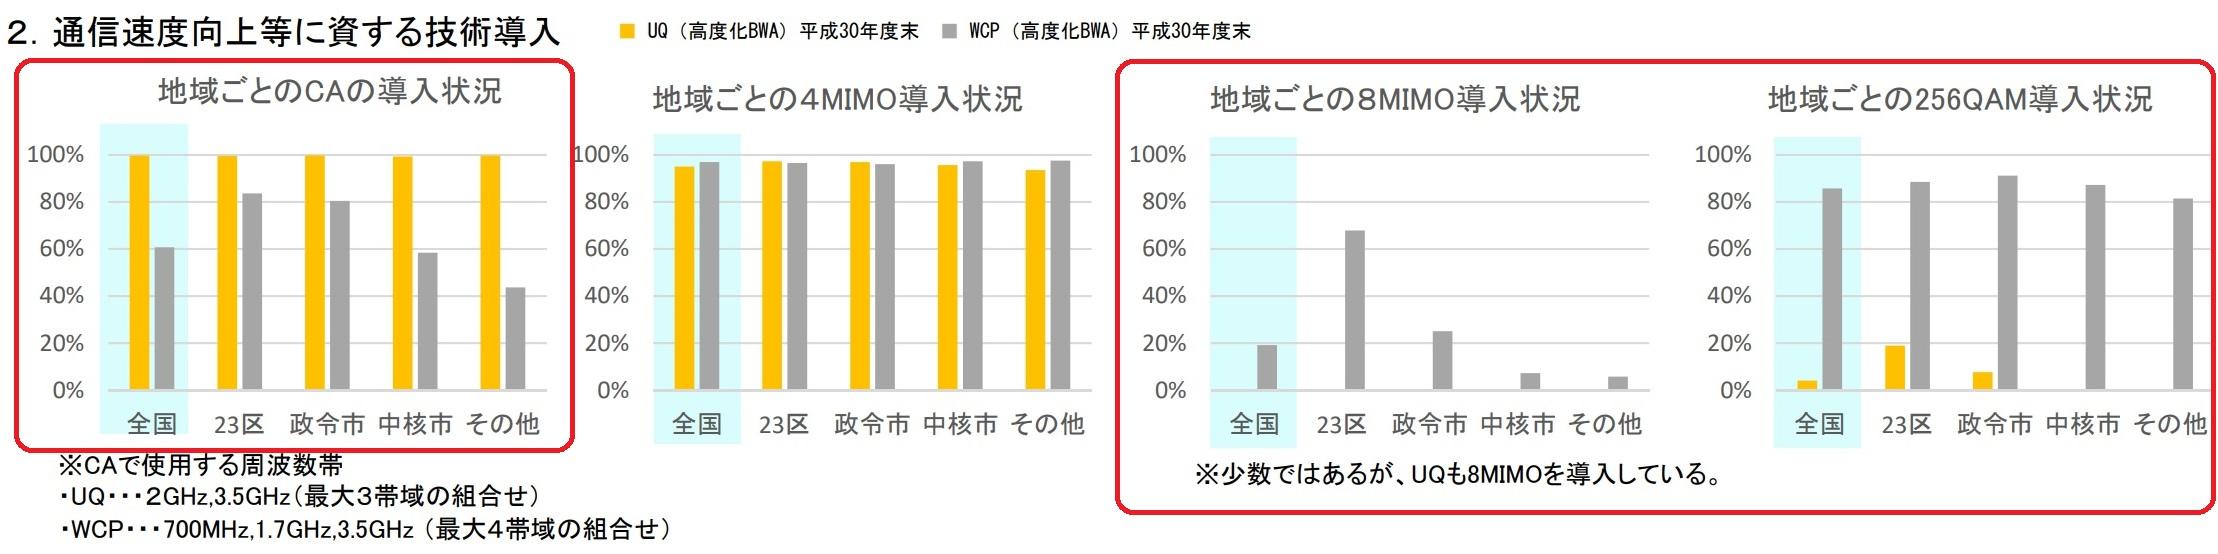 総務省の資料 - 電波の利用状況調査の評価結果の概要(案)